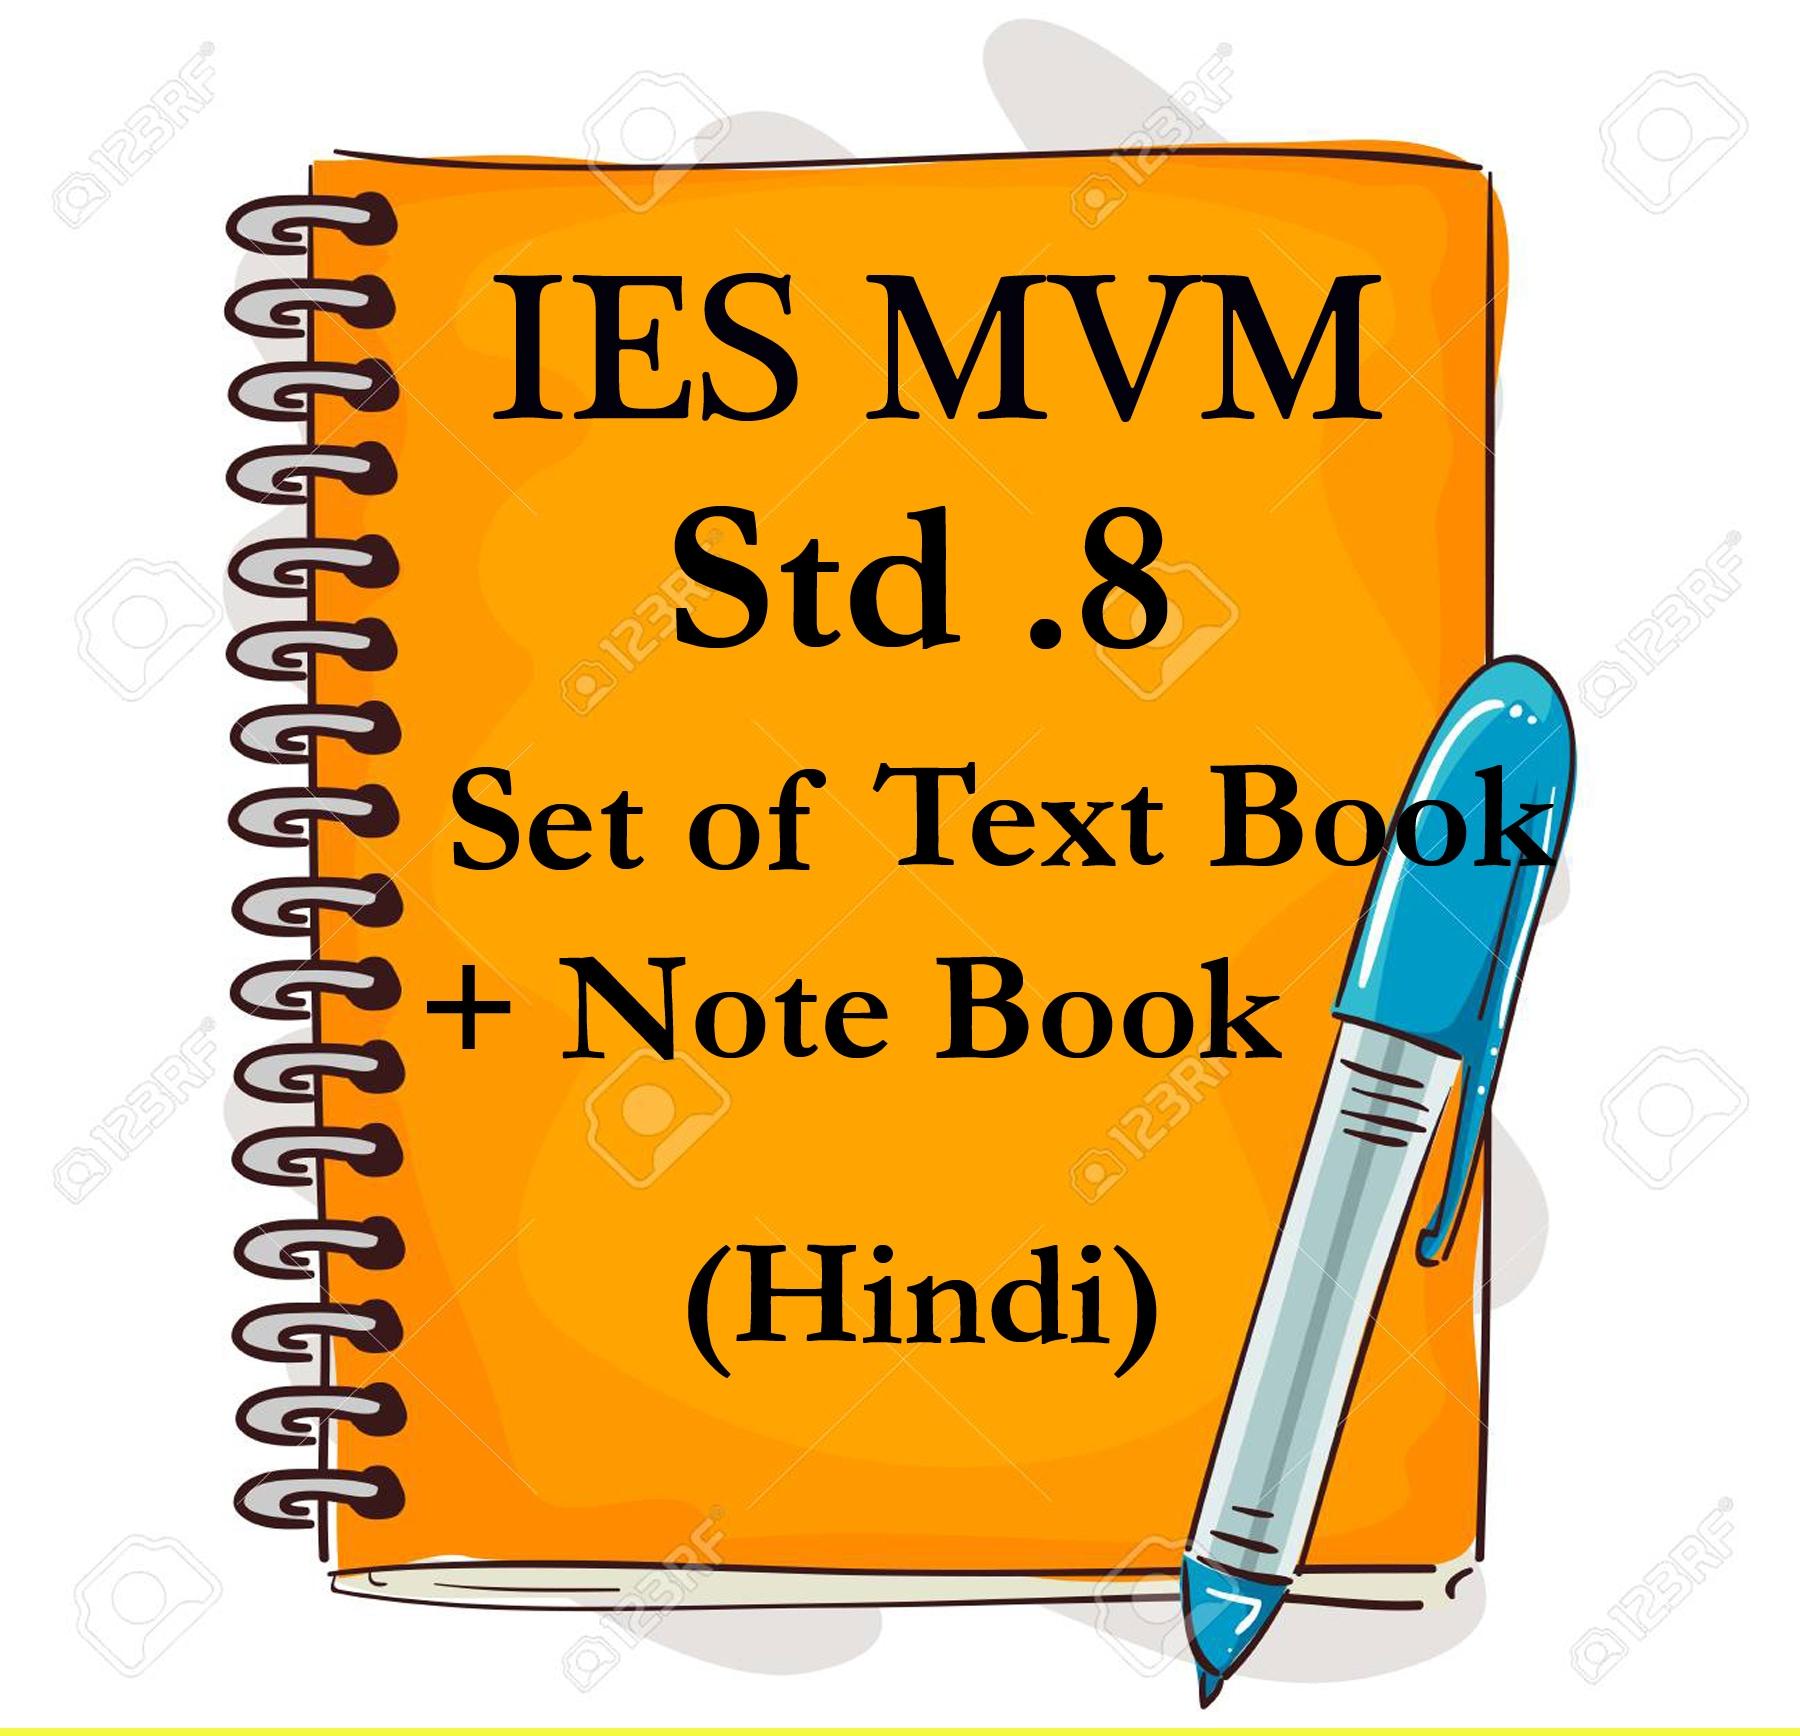 IES MVM STD .8 SET  OF TEXT BOOK + NOTE BOOK HINDI